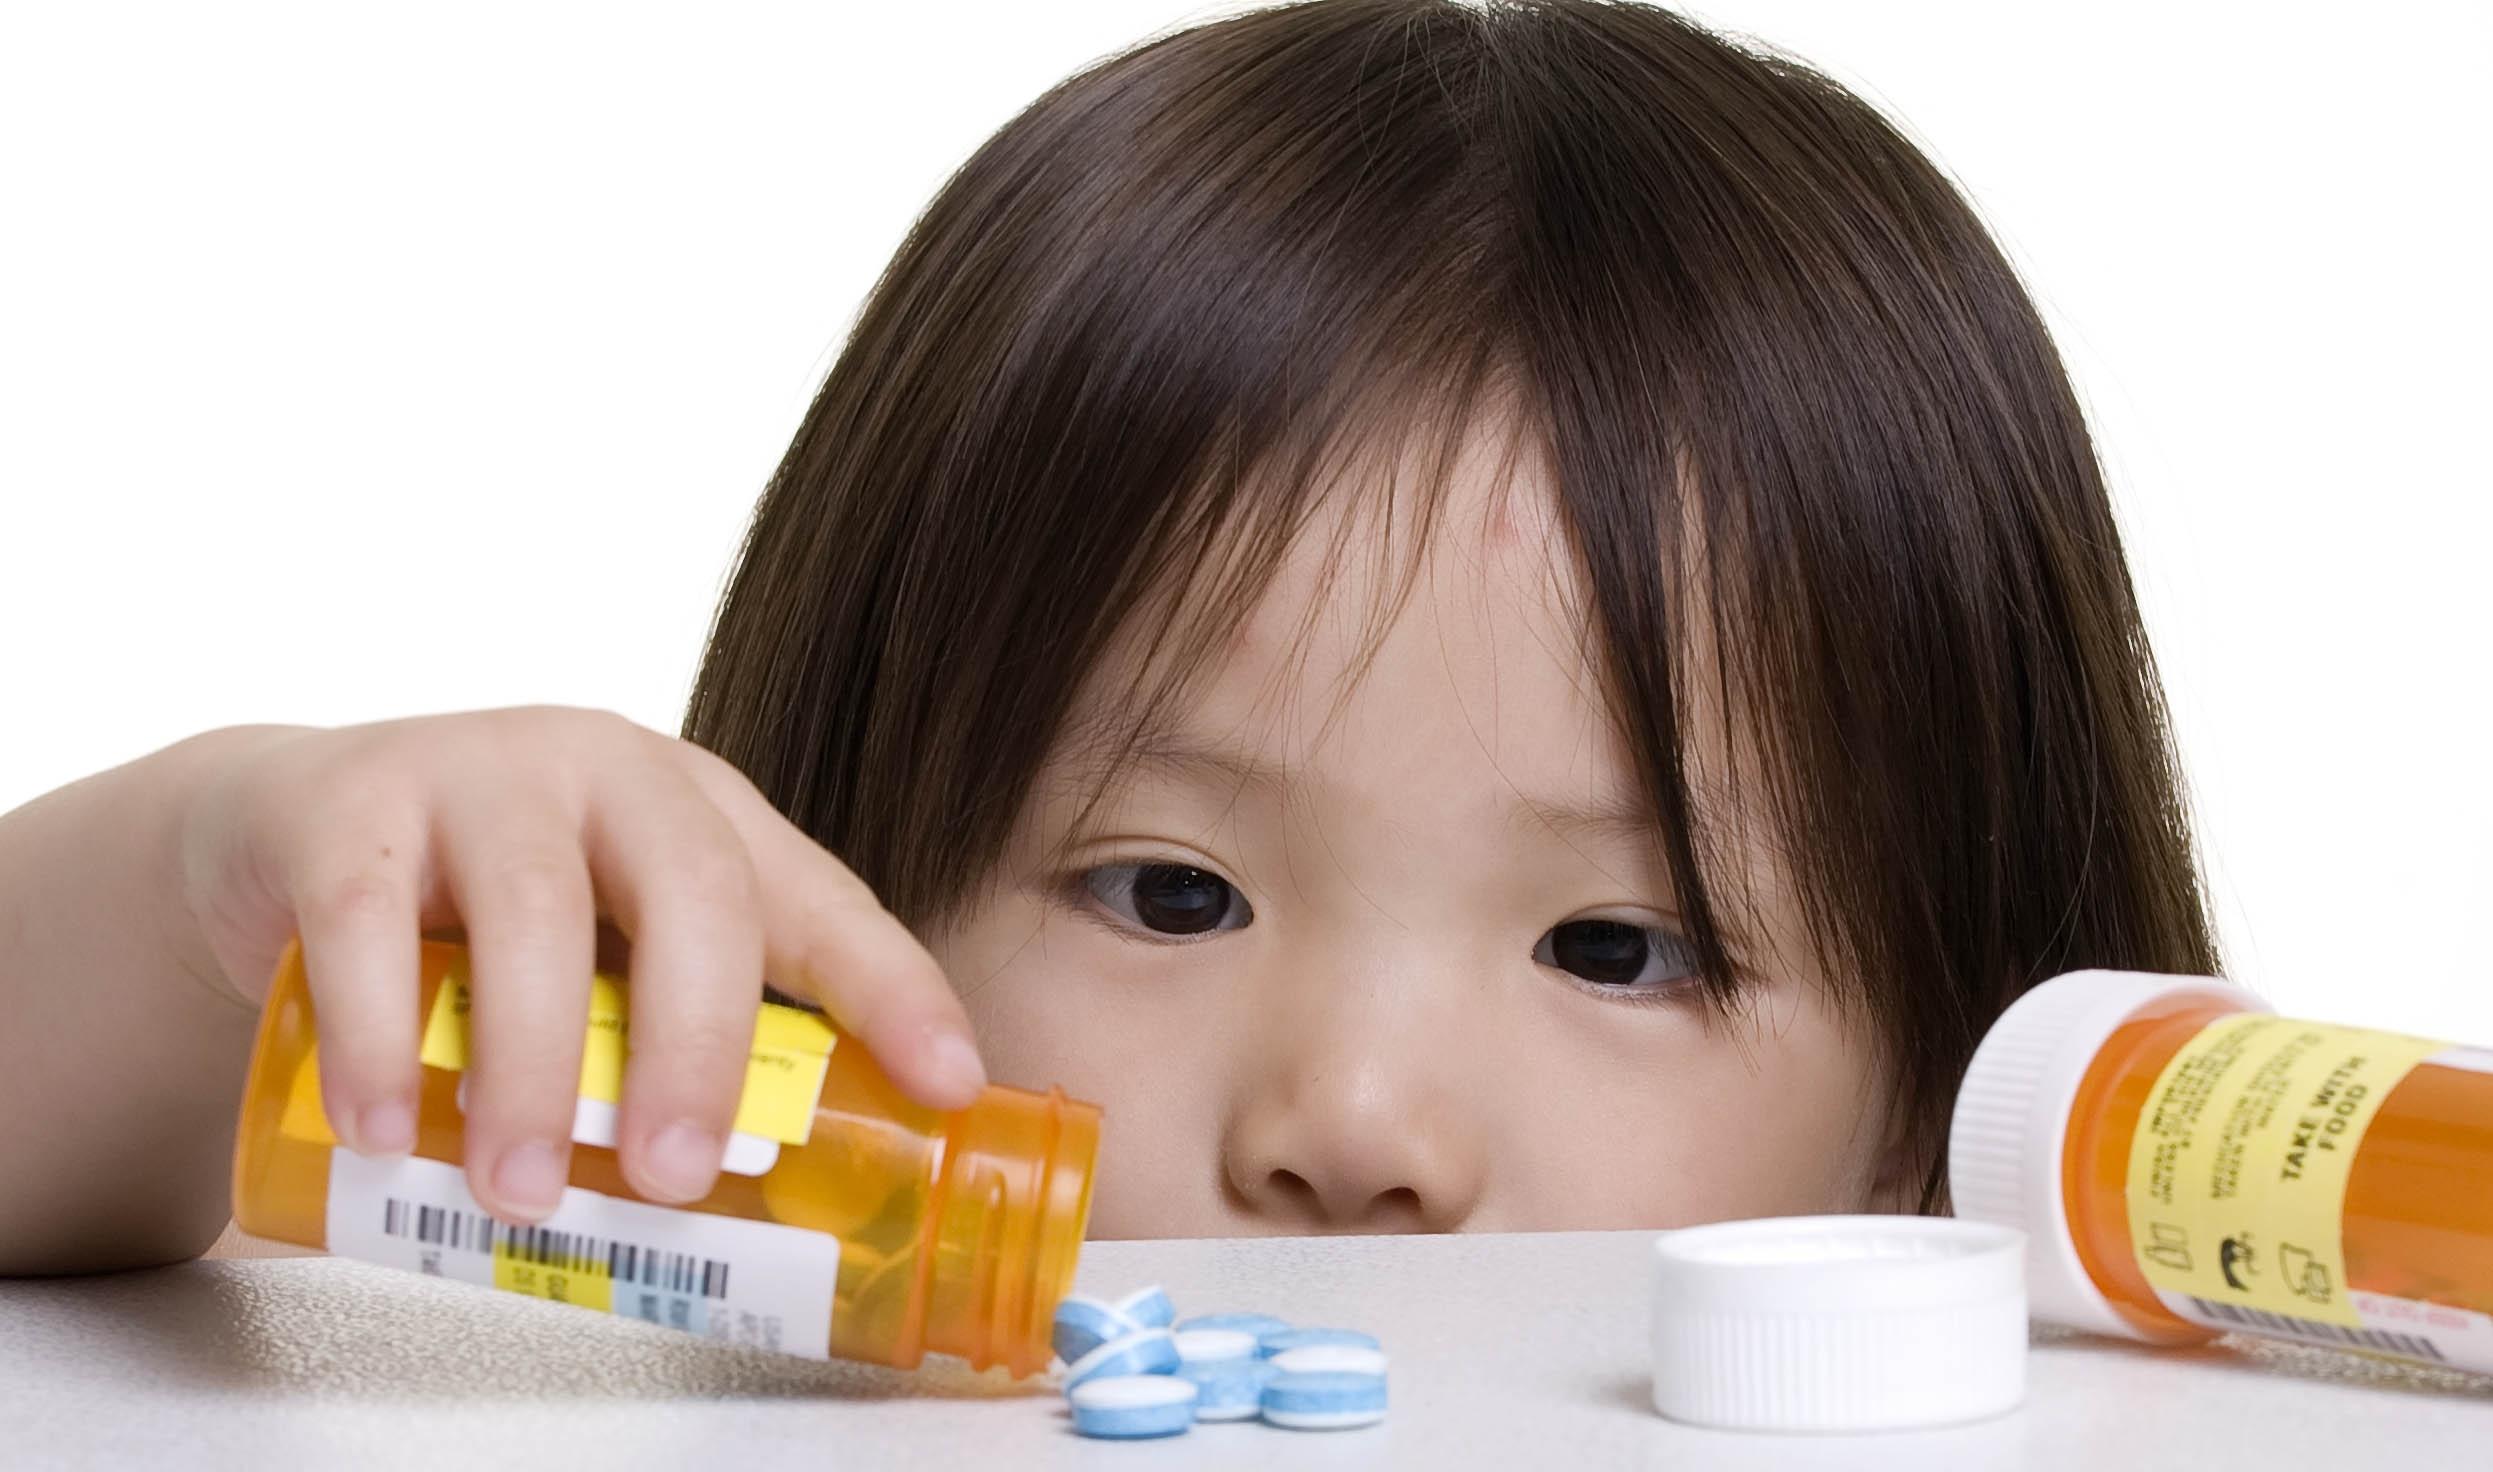 Медикаментозные седативные препараты для детей